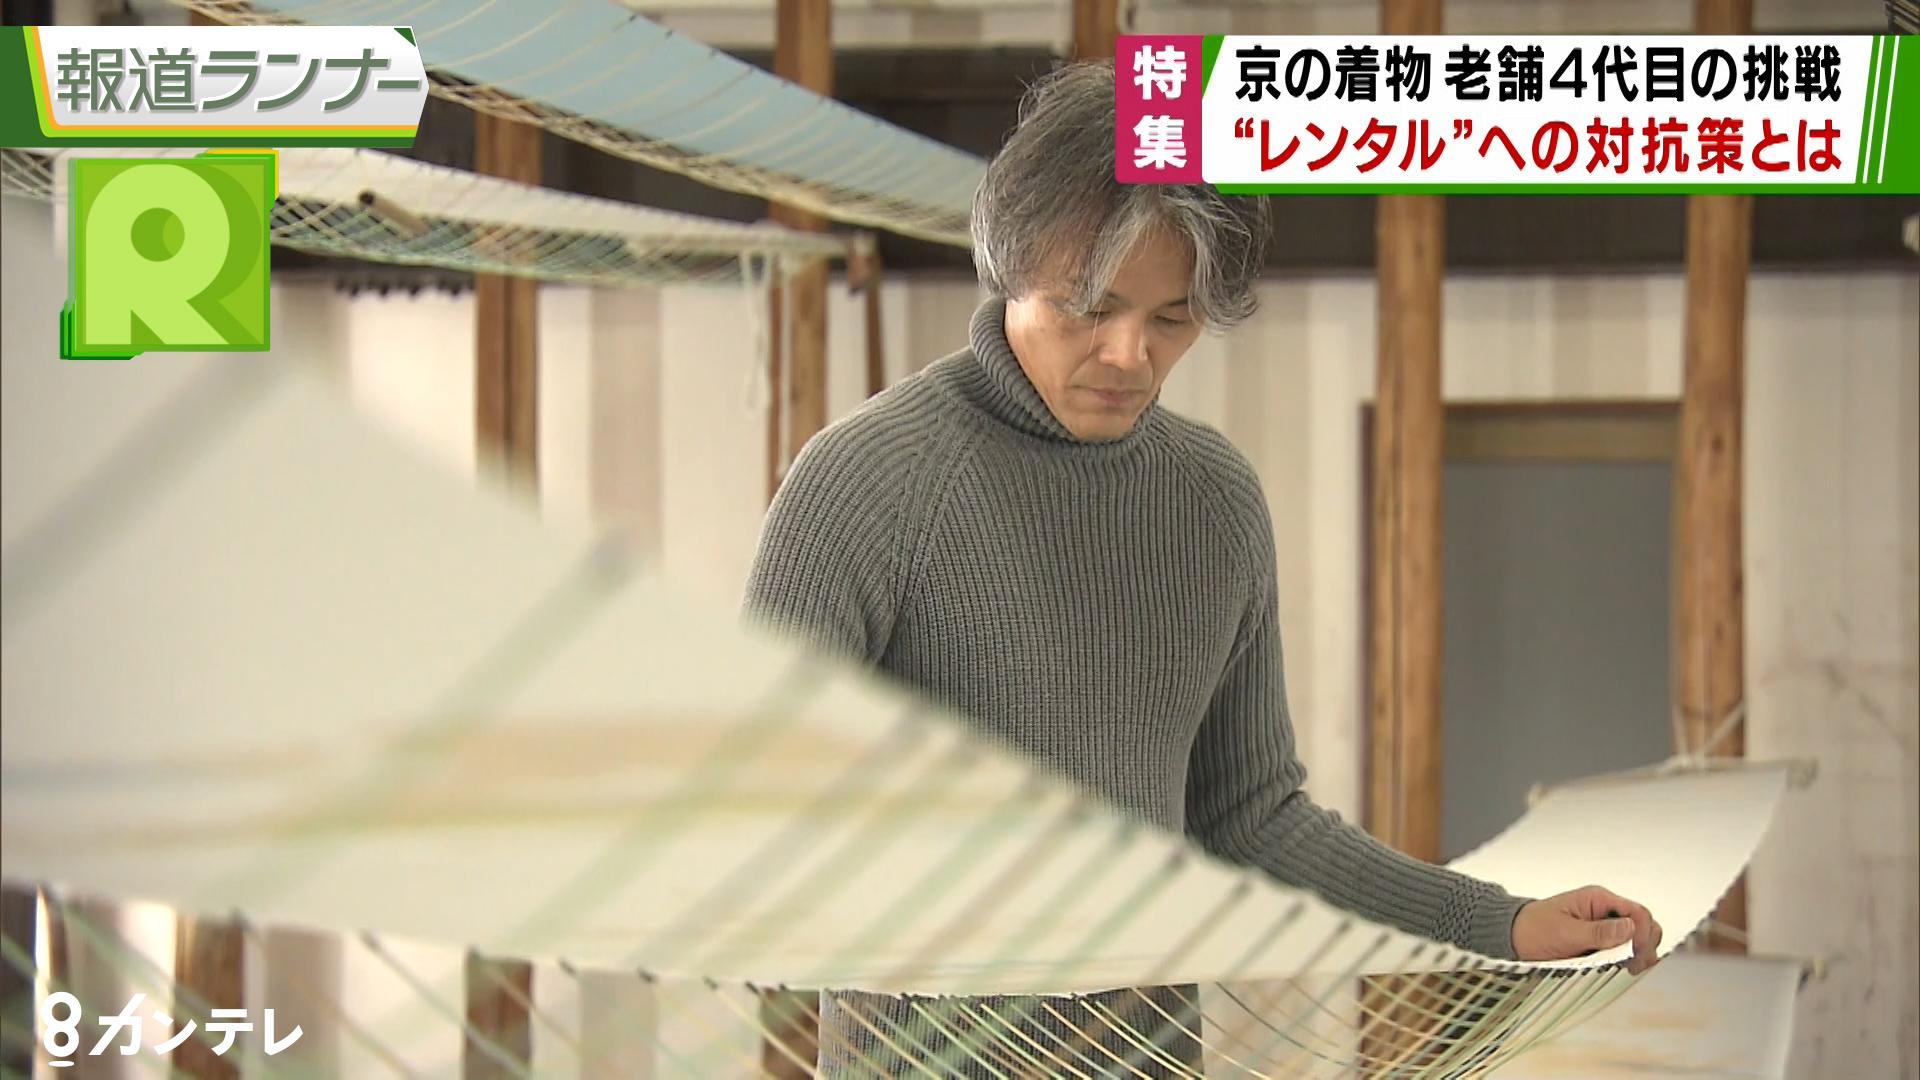 【特集】レンタル着物に「危機感」…京友禅の老舗社長が決意の挑戦!デザイナーとのコラボで…『カンタン着物』